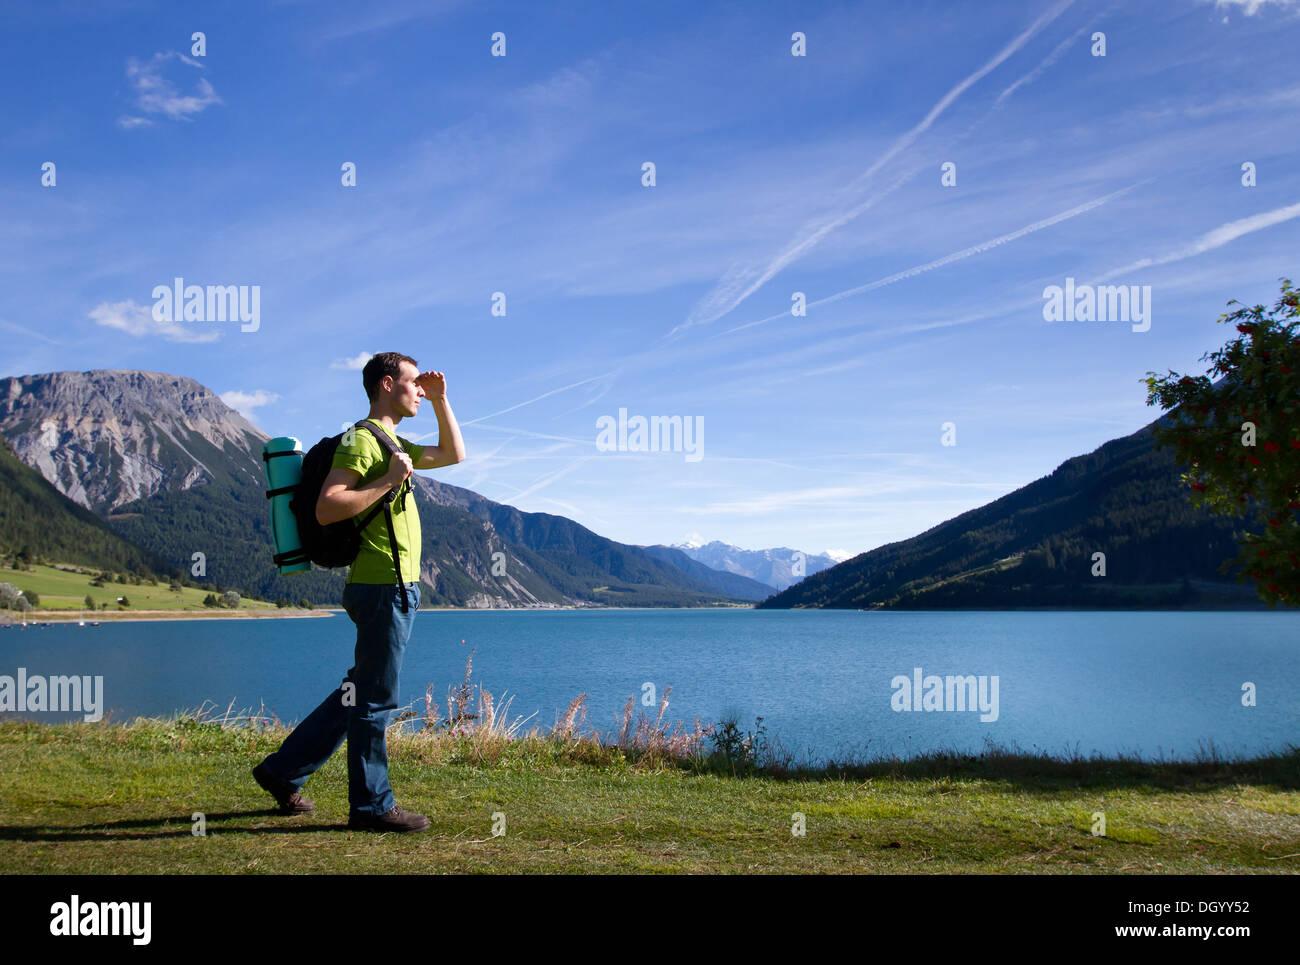 Viajero en las montañas mirando hacia adelante, Nueva visión Foto de stock